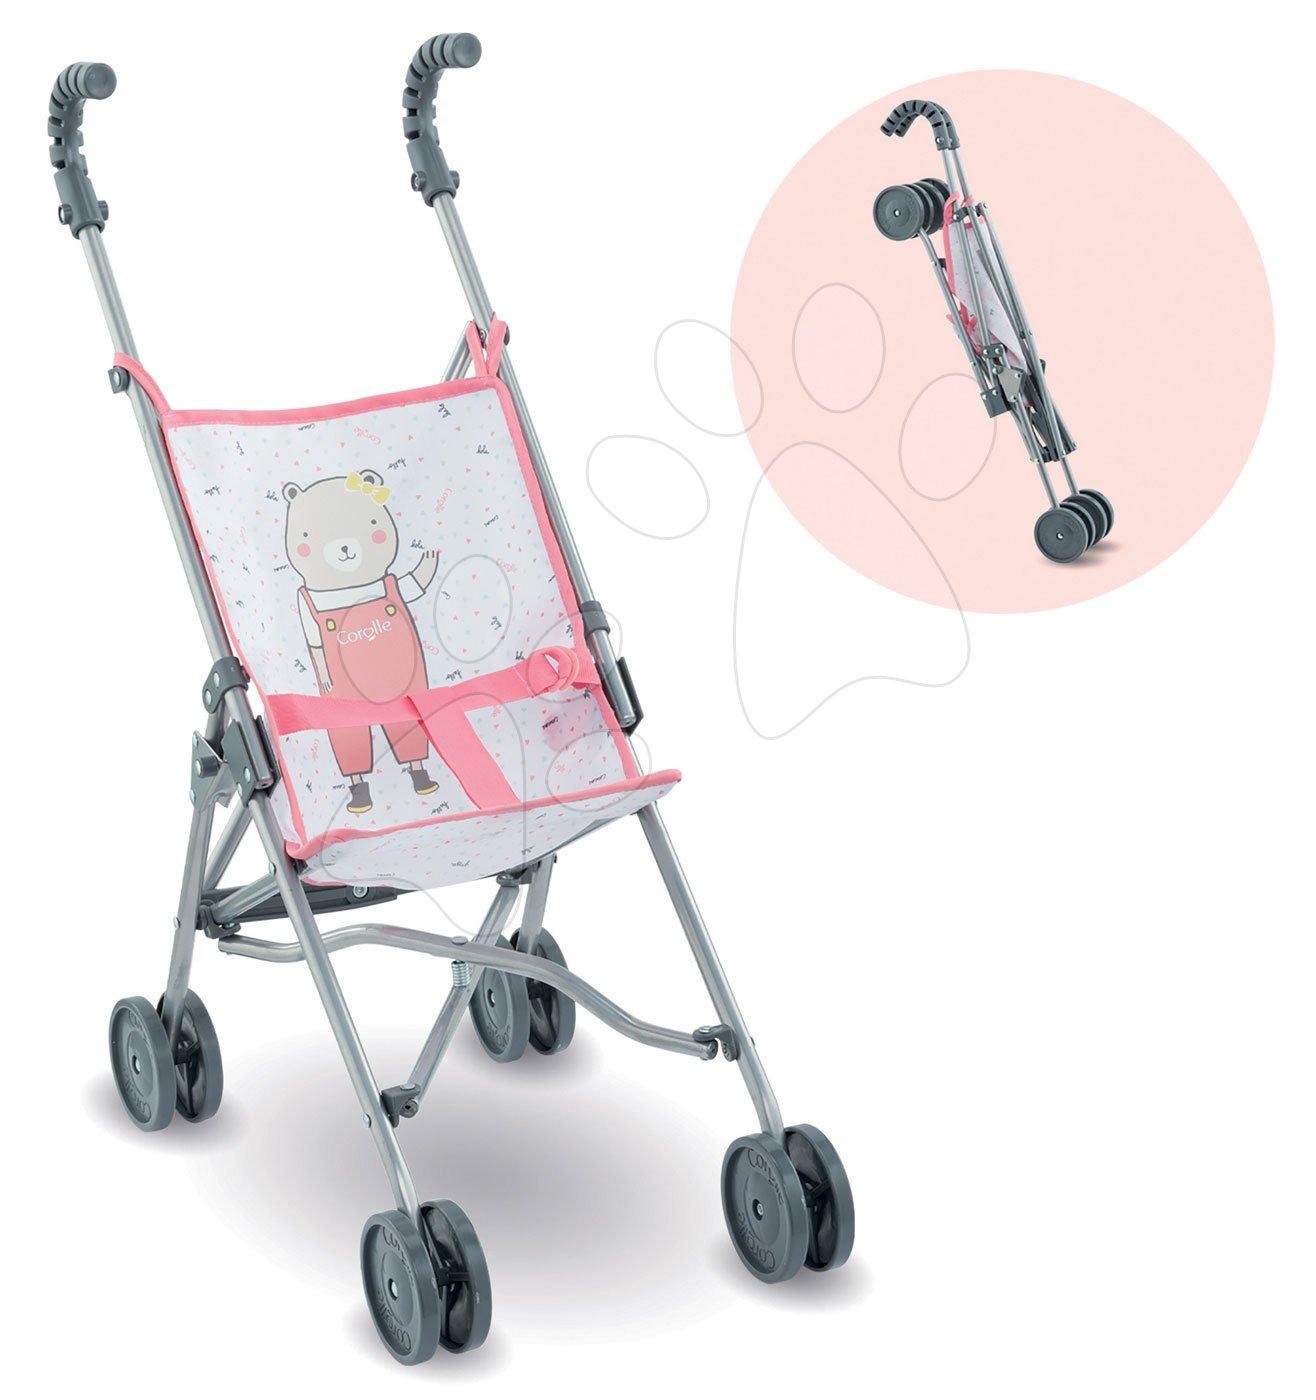 Kočárek skládací Umbrella Stroller Mon Grand Poupon Corolle Canne Pink pro 36-42 cm panenku od 24 měs